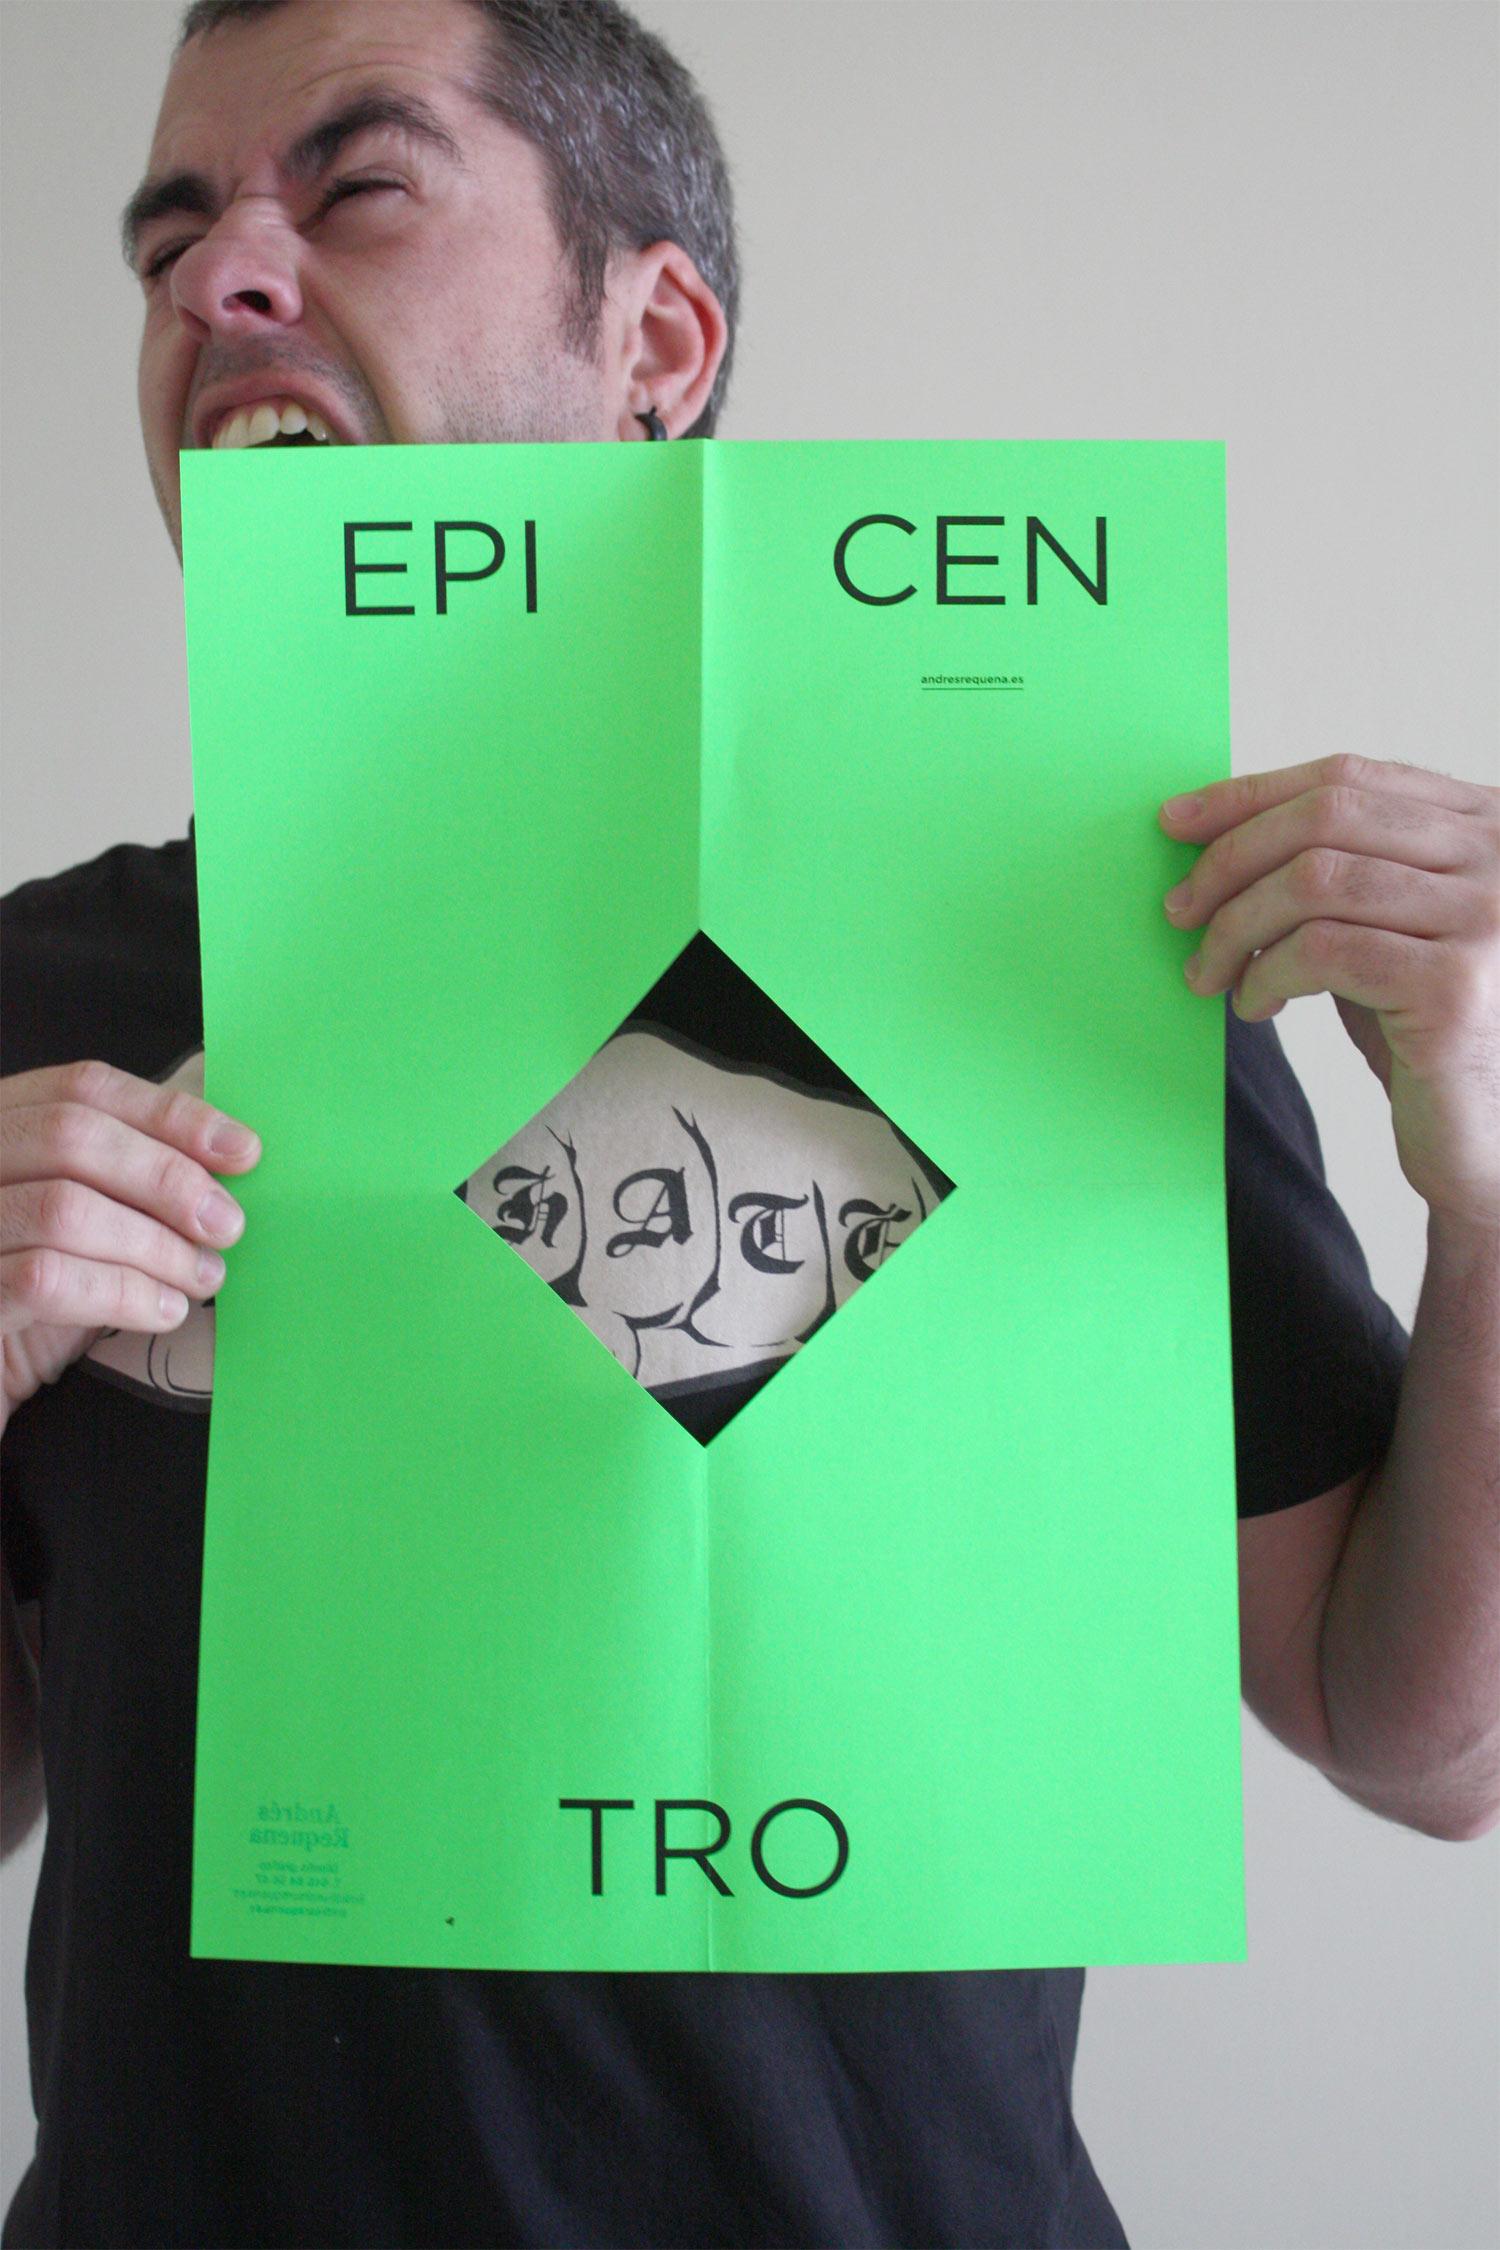 la Negreta, Epicentro, Andrés Requena, Col·laboració, Disseny gràfic, Amor, Odi, Love, Hate